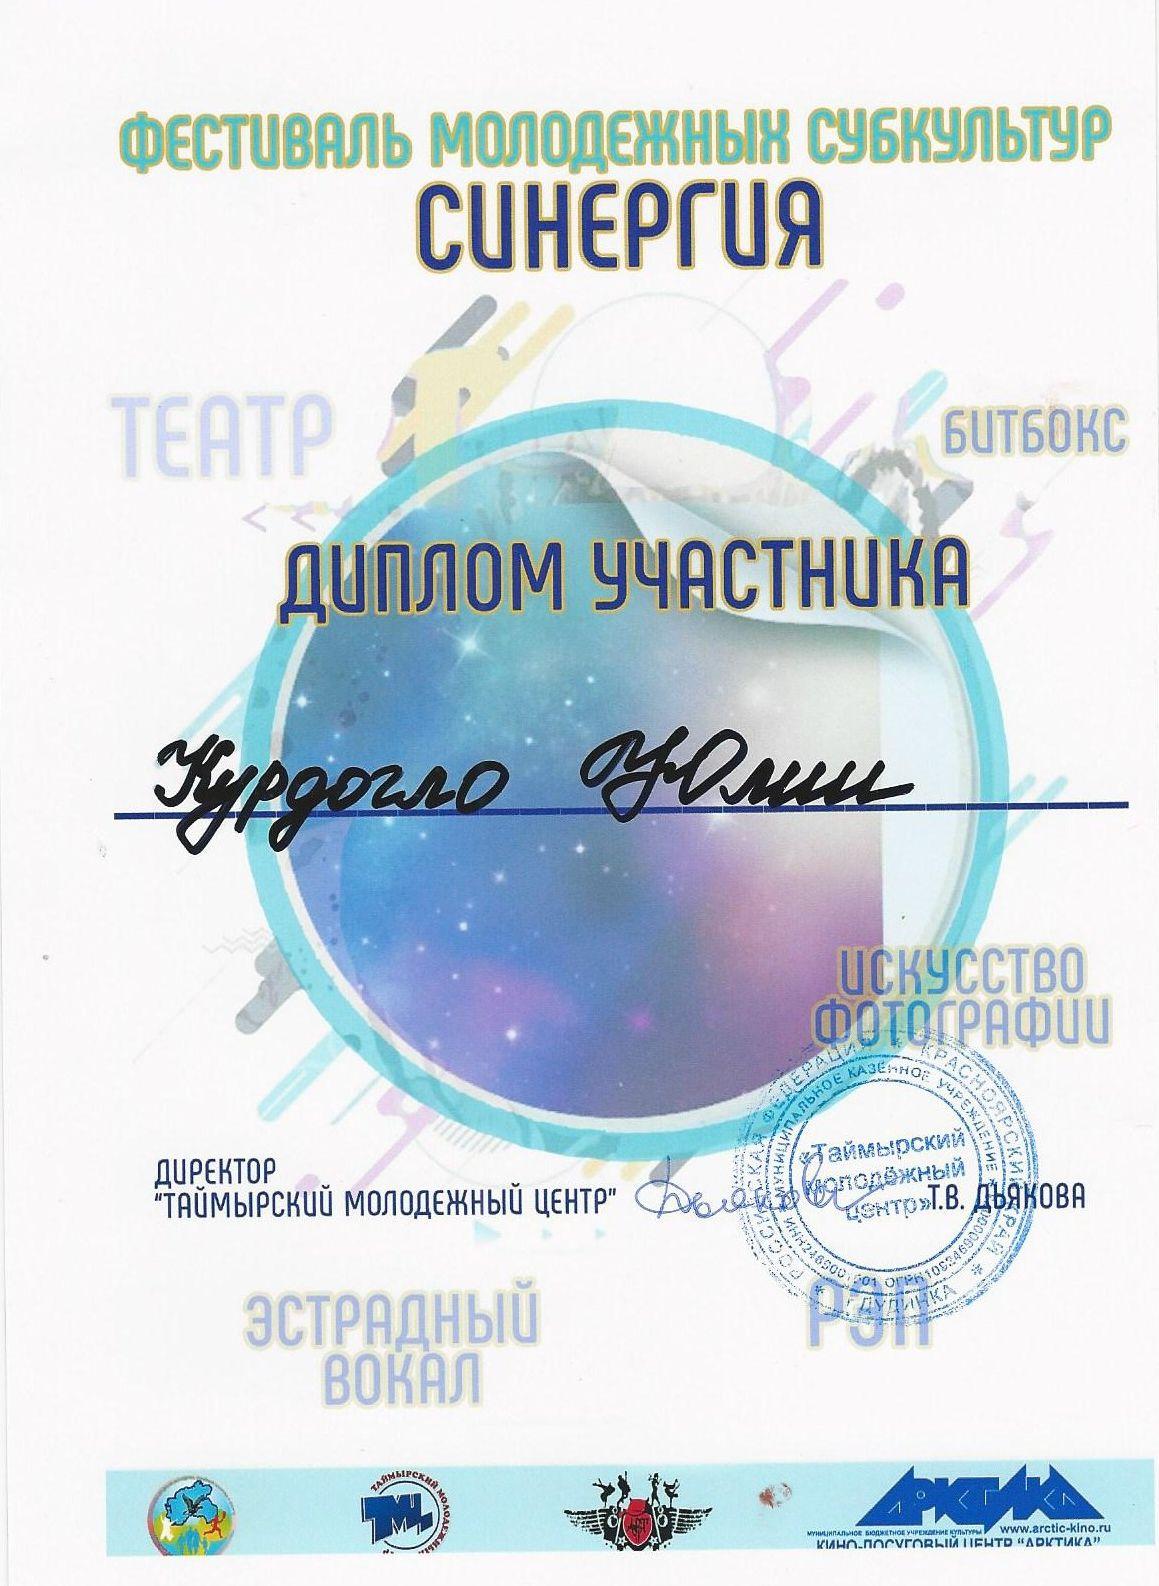 Диплом участника курдогло Юля